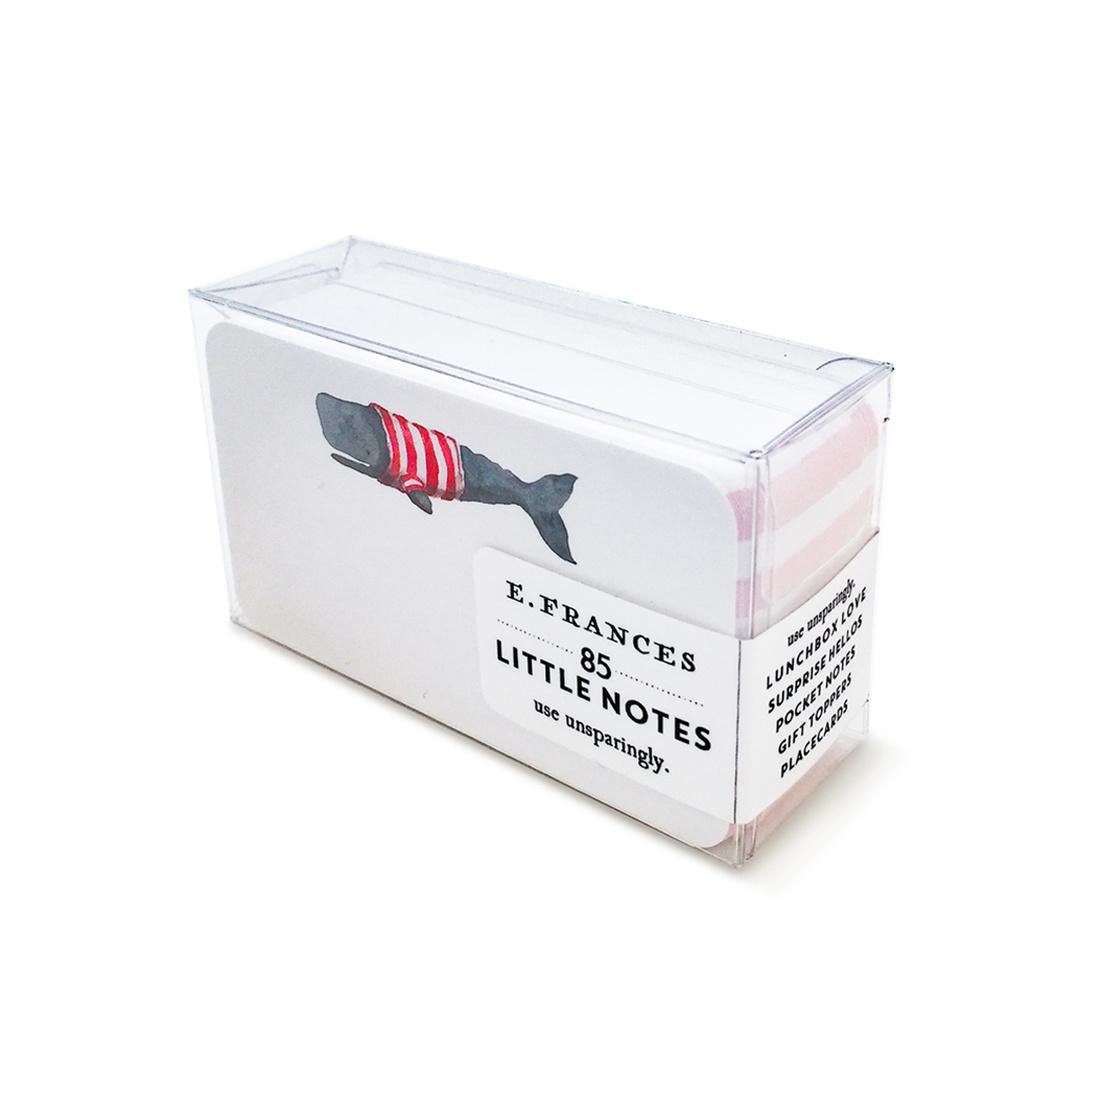 E. Frances Paper Studio EF ECMI - Stripey Whale Little Notes, set of 85